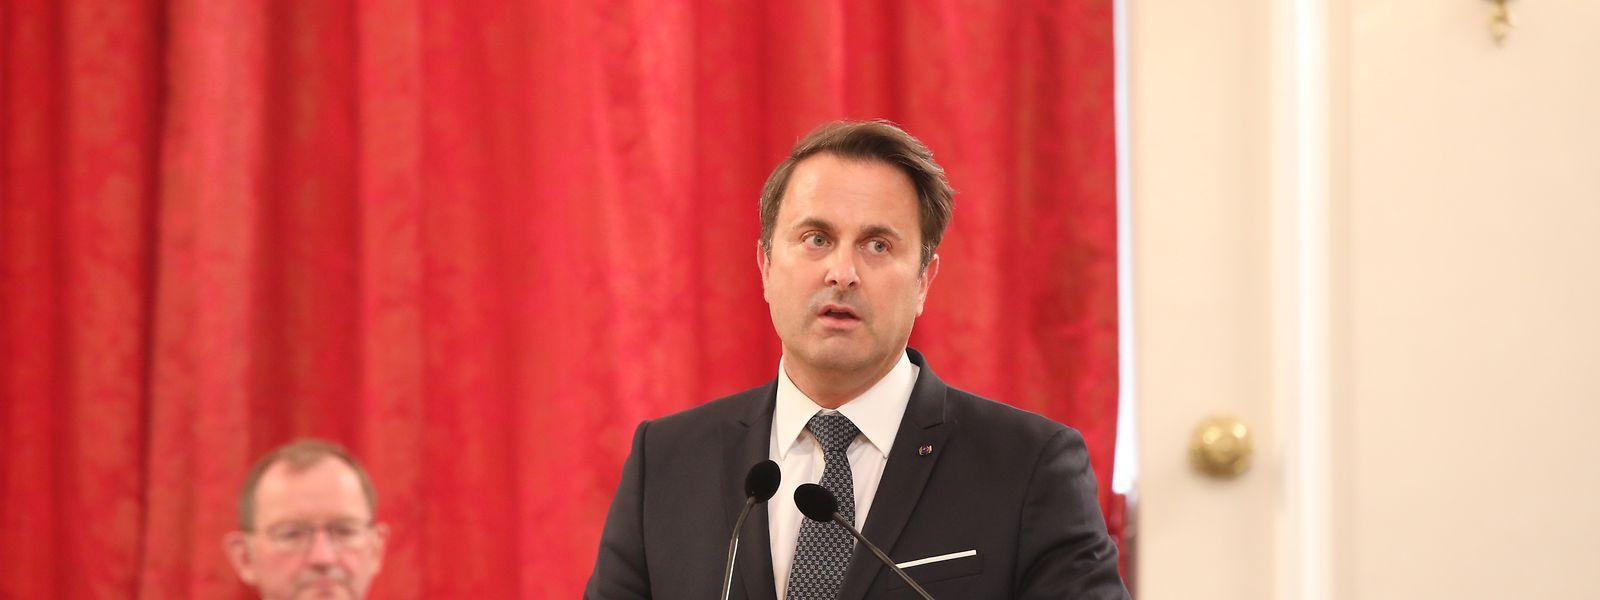 Premier Bettel gab zu, dass es während der Corona-Krise zu Inkohärenzen gekommen ist, verteidigte aber grundsätzlich das Regierungshandeln.